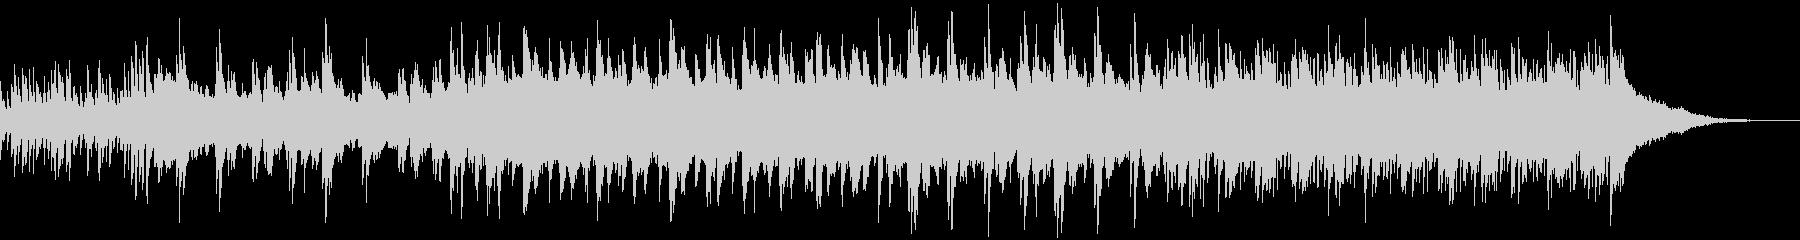 さりげなく少し切ないピアノのBGMの未再生の波形